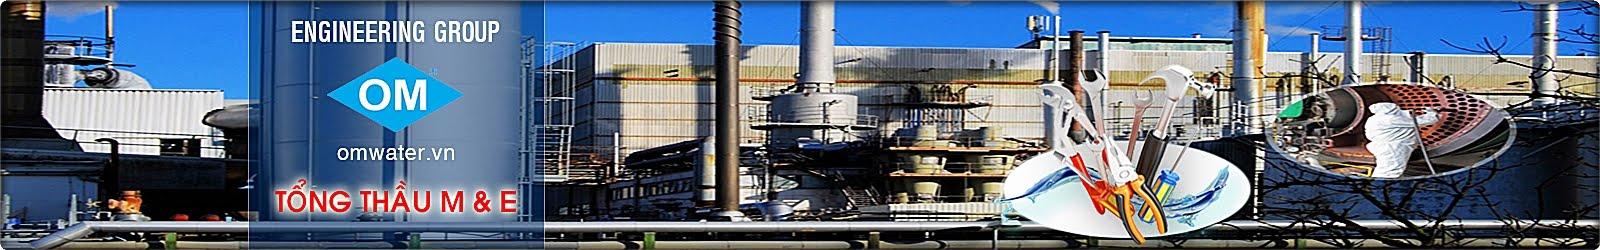 Công ty môi trường OM |Xử lý nước thải |Máy lọc nước |Dịch vụ môi trường